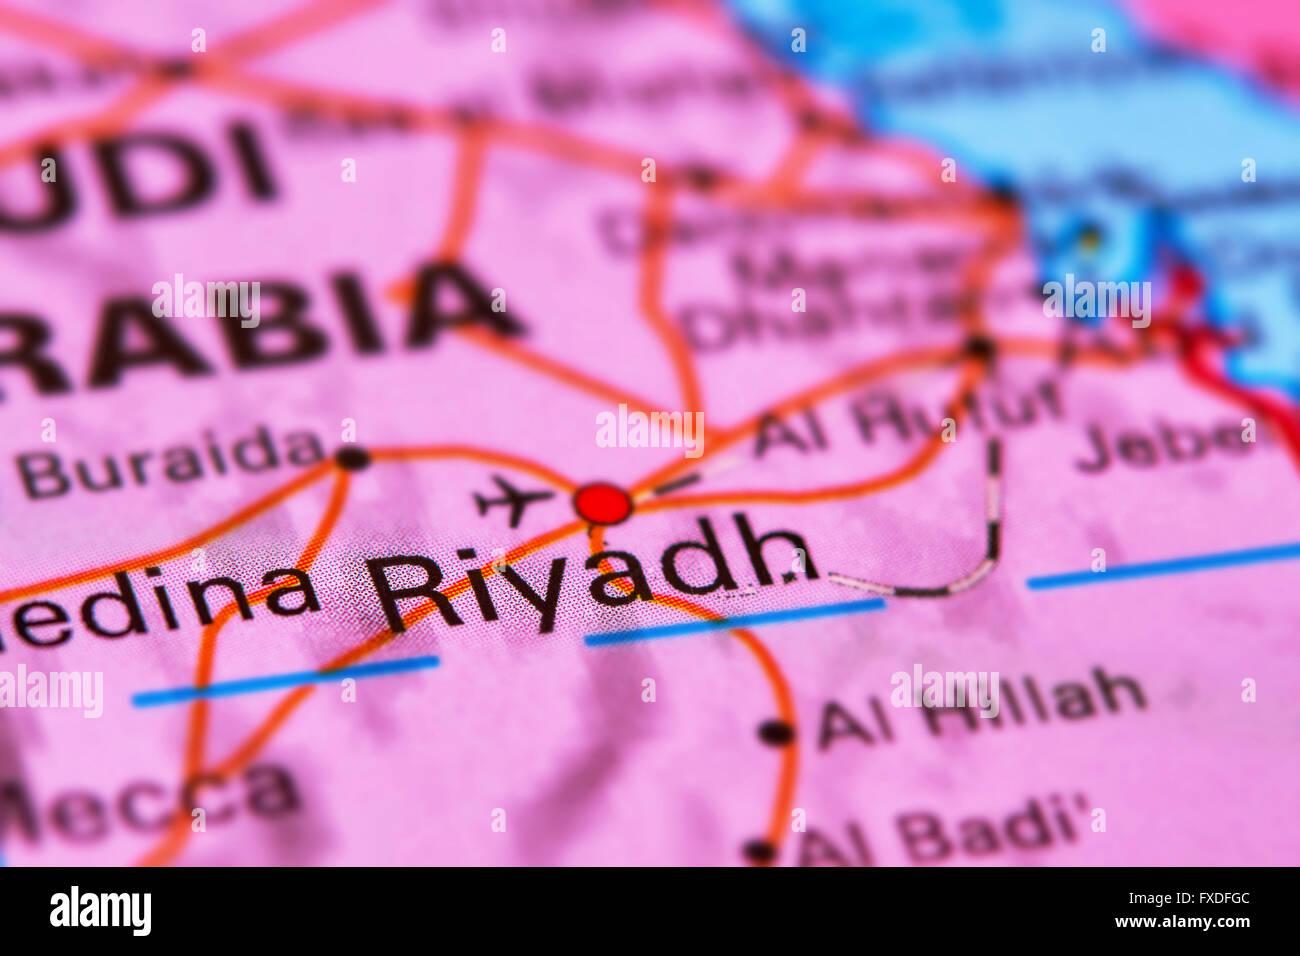 Riad, capital de Arabia Saudita en el Medio Oriente en el mapa del mundo Imagen De Stock